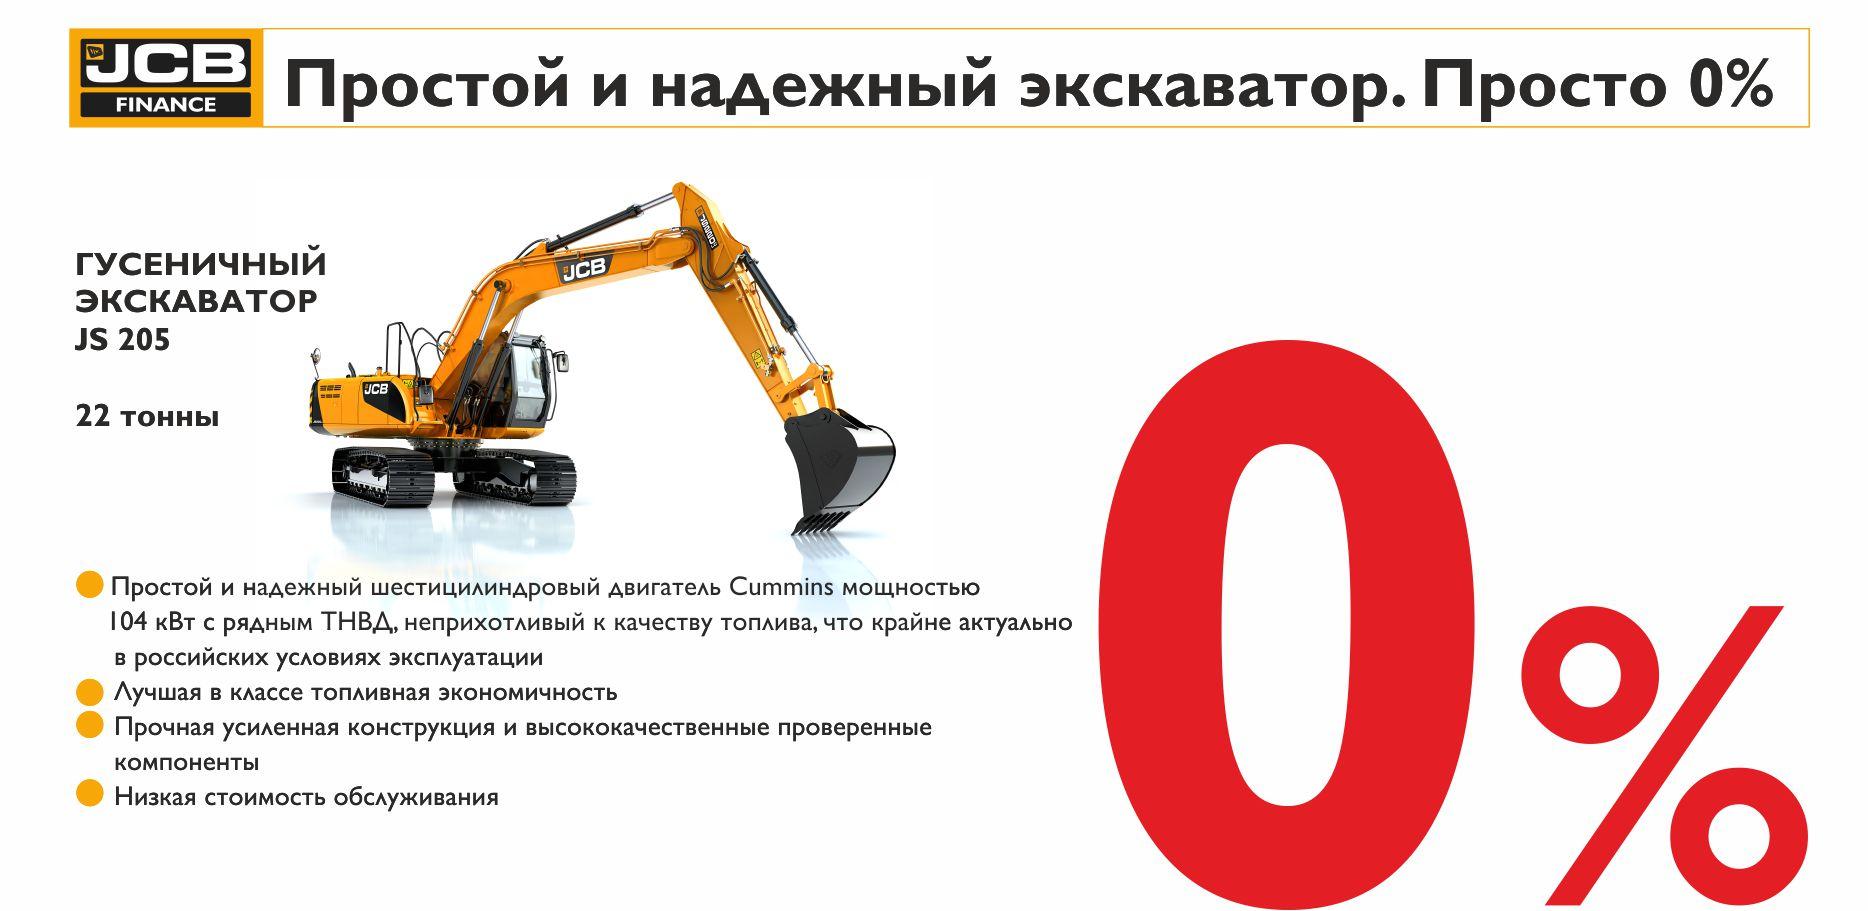 Работа в России  база актуальных вакансий в России